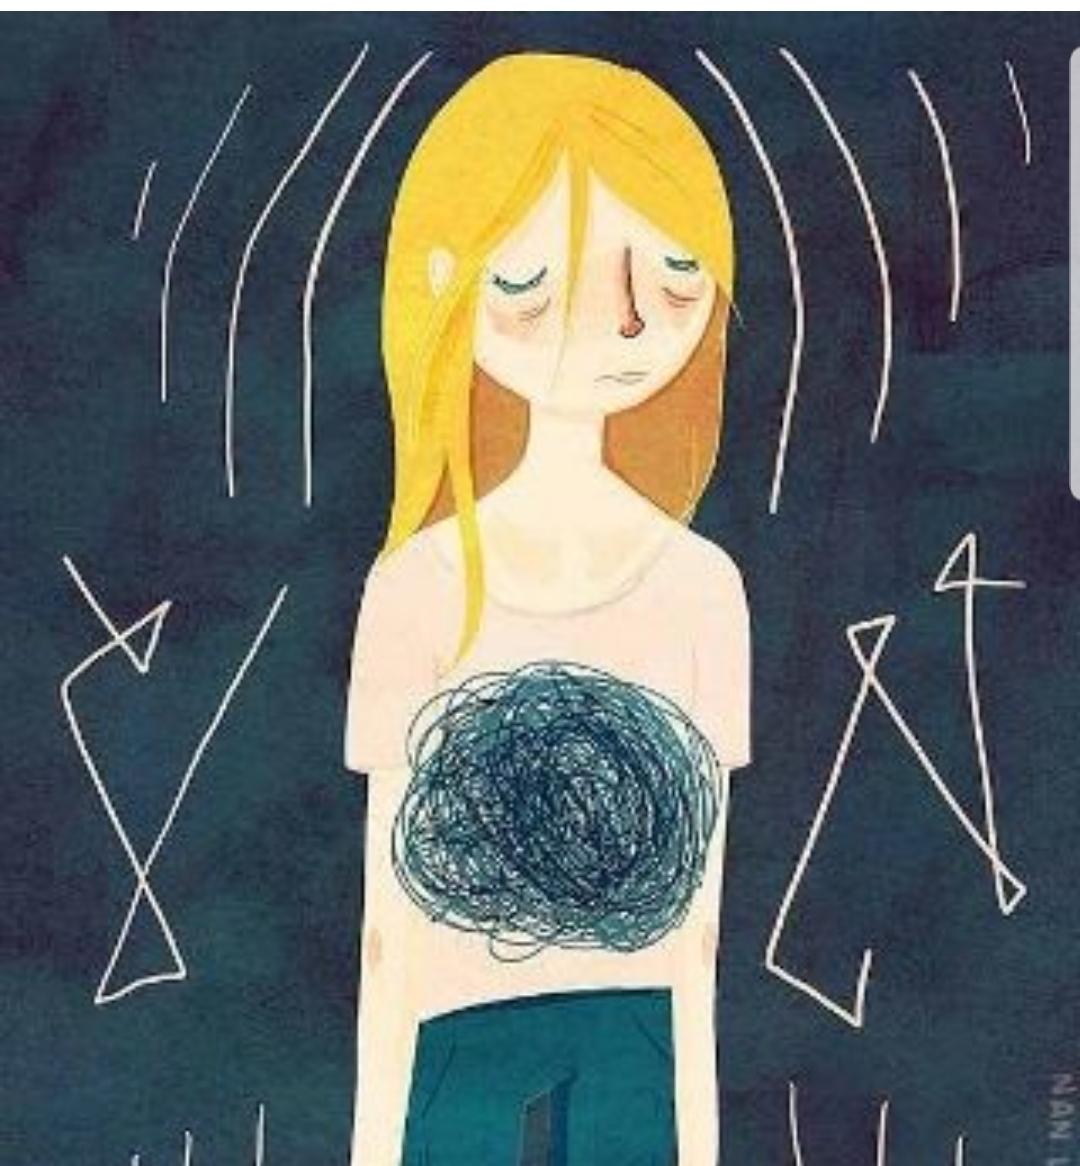 Online Psikolog | Online Terapi PANİK ATAK TEDAVİ EDİLEBİLİR!